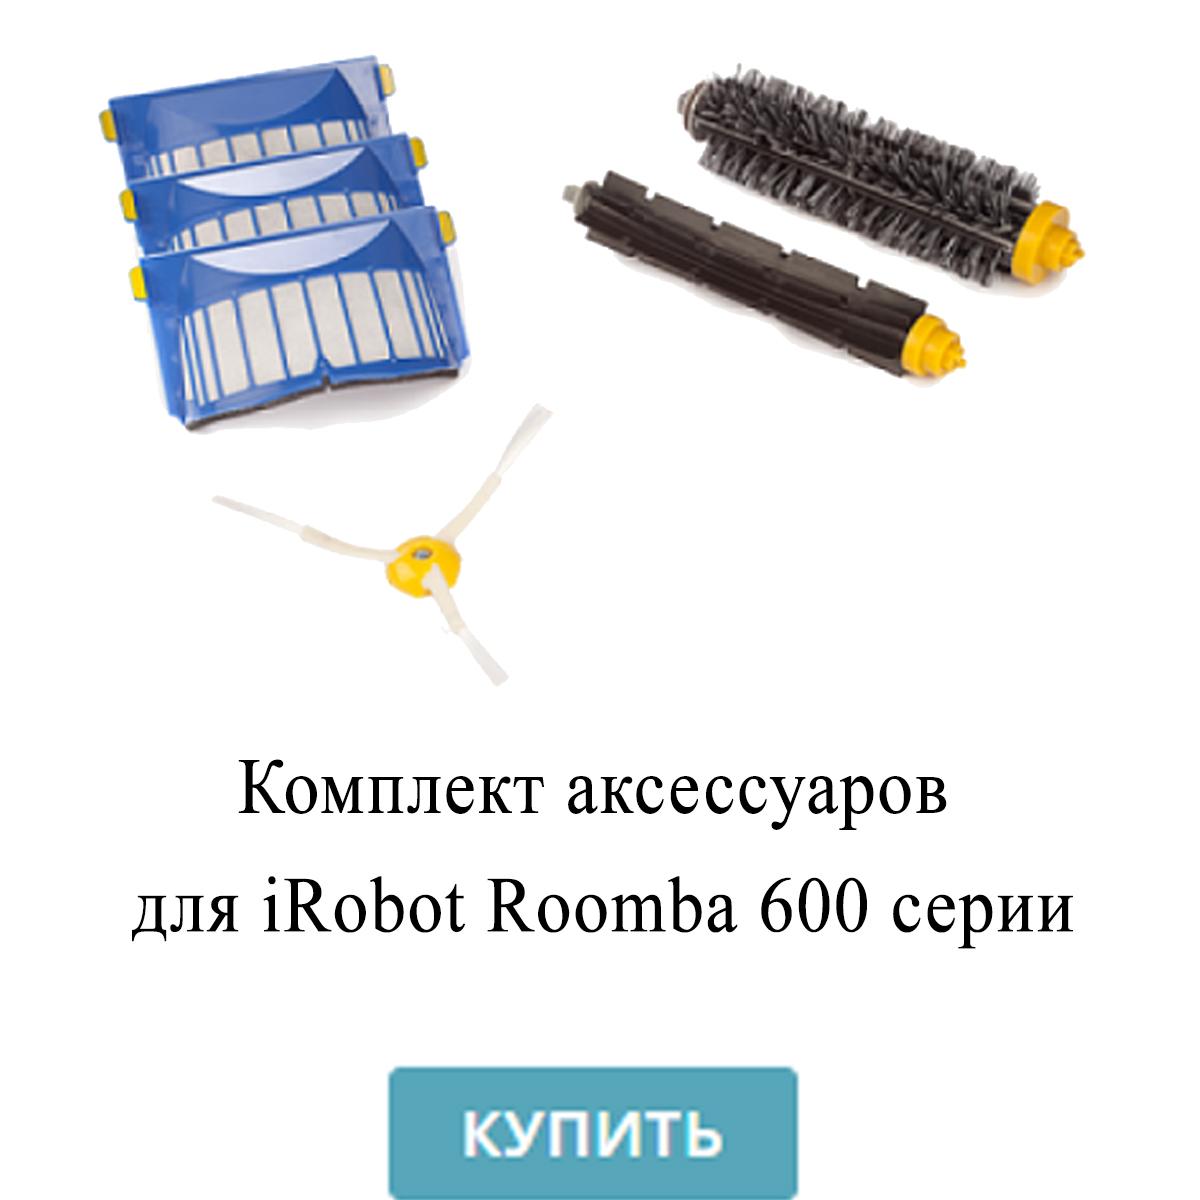 Комплект аксессуаров для iRobot Roomba 600 серии